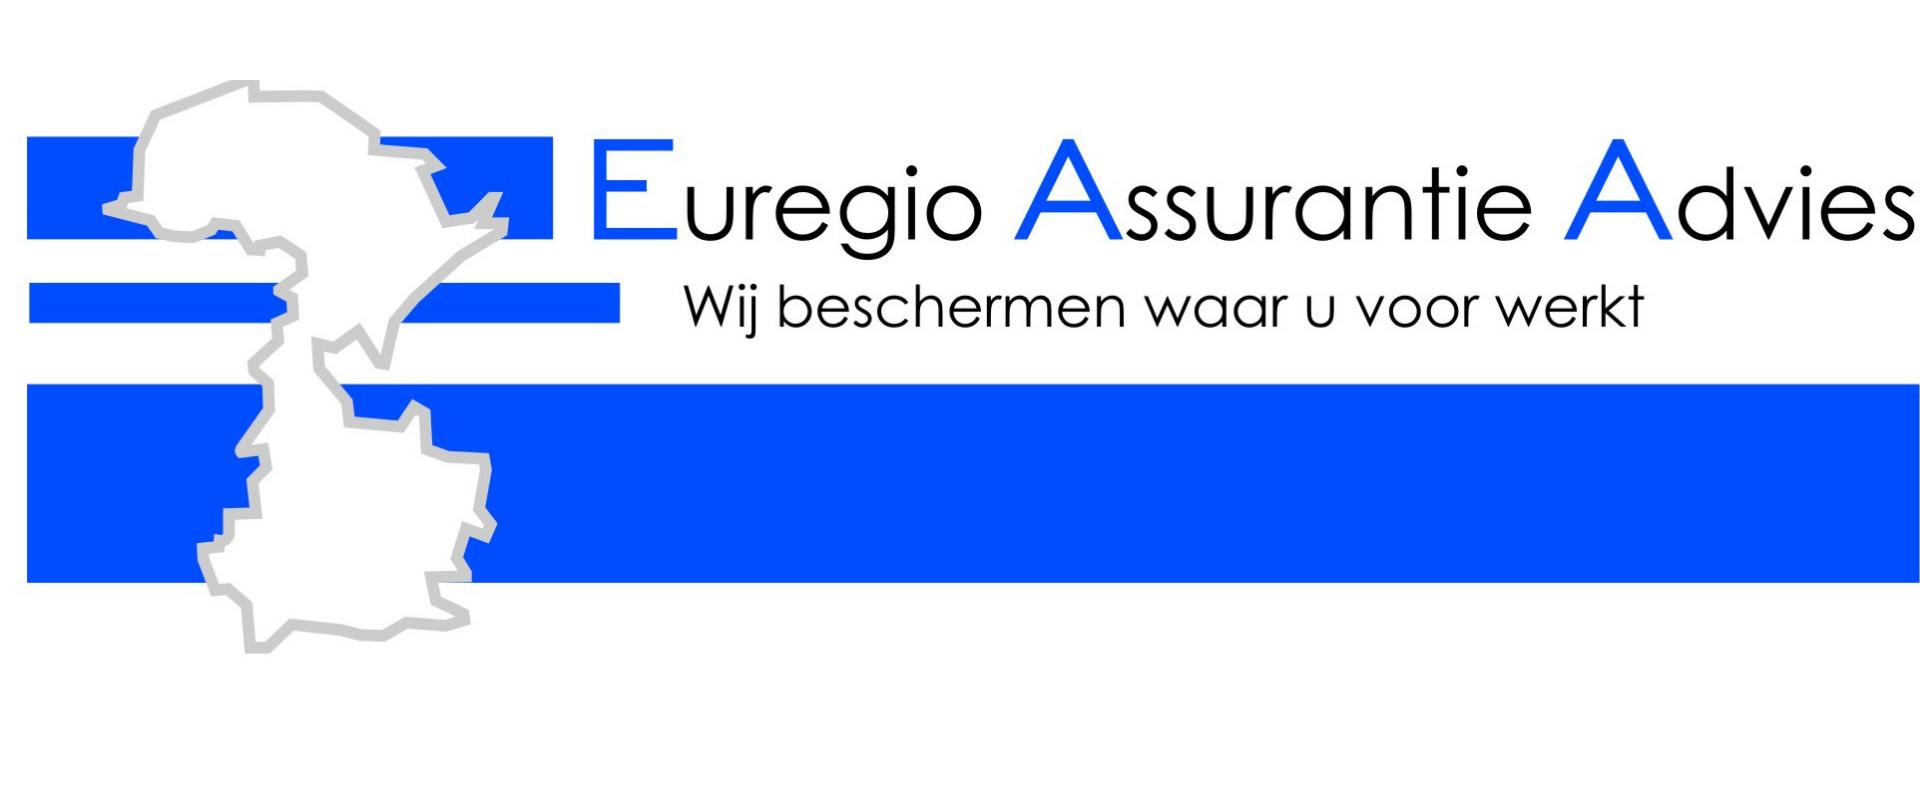 Euregio Assurantie Advies